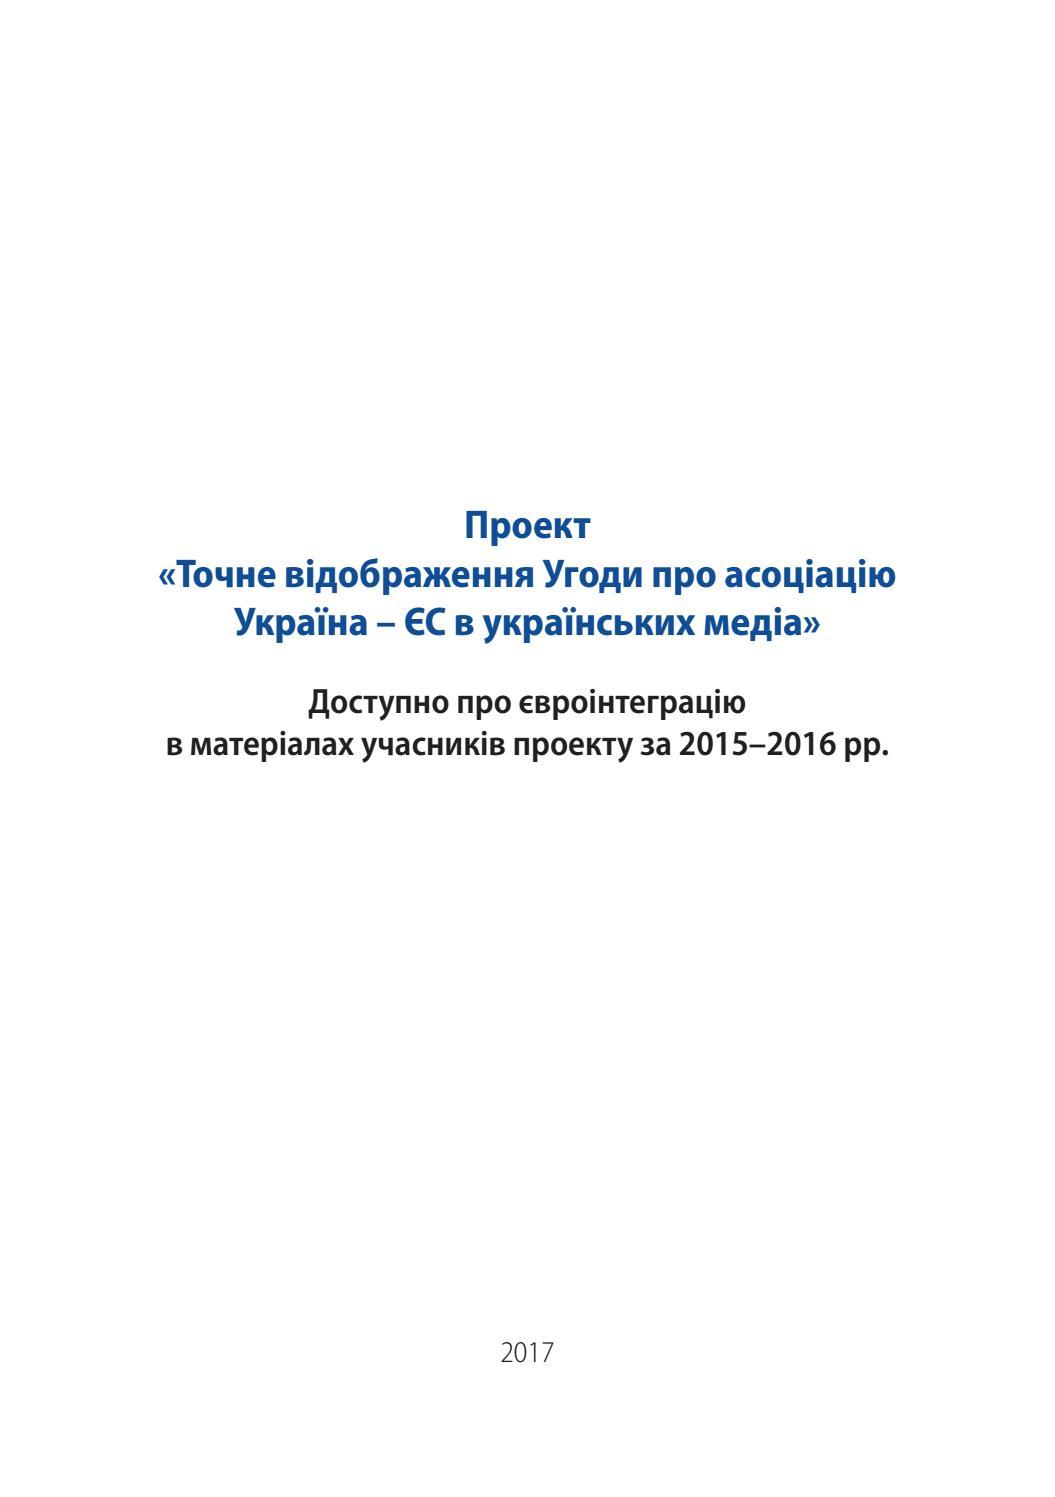 «Точне відображення Угоди про асоціацію Україна – ЄС в українських медіа»  Матеріали учасників by Internews Ukraine - issuu db545e875730a